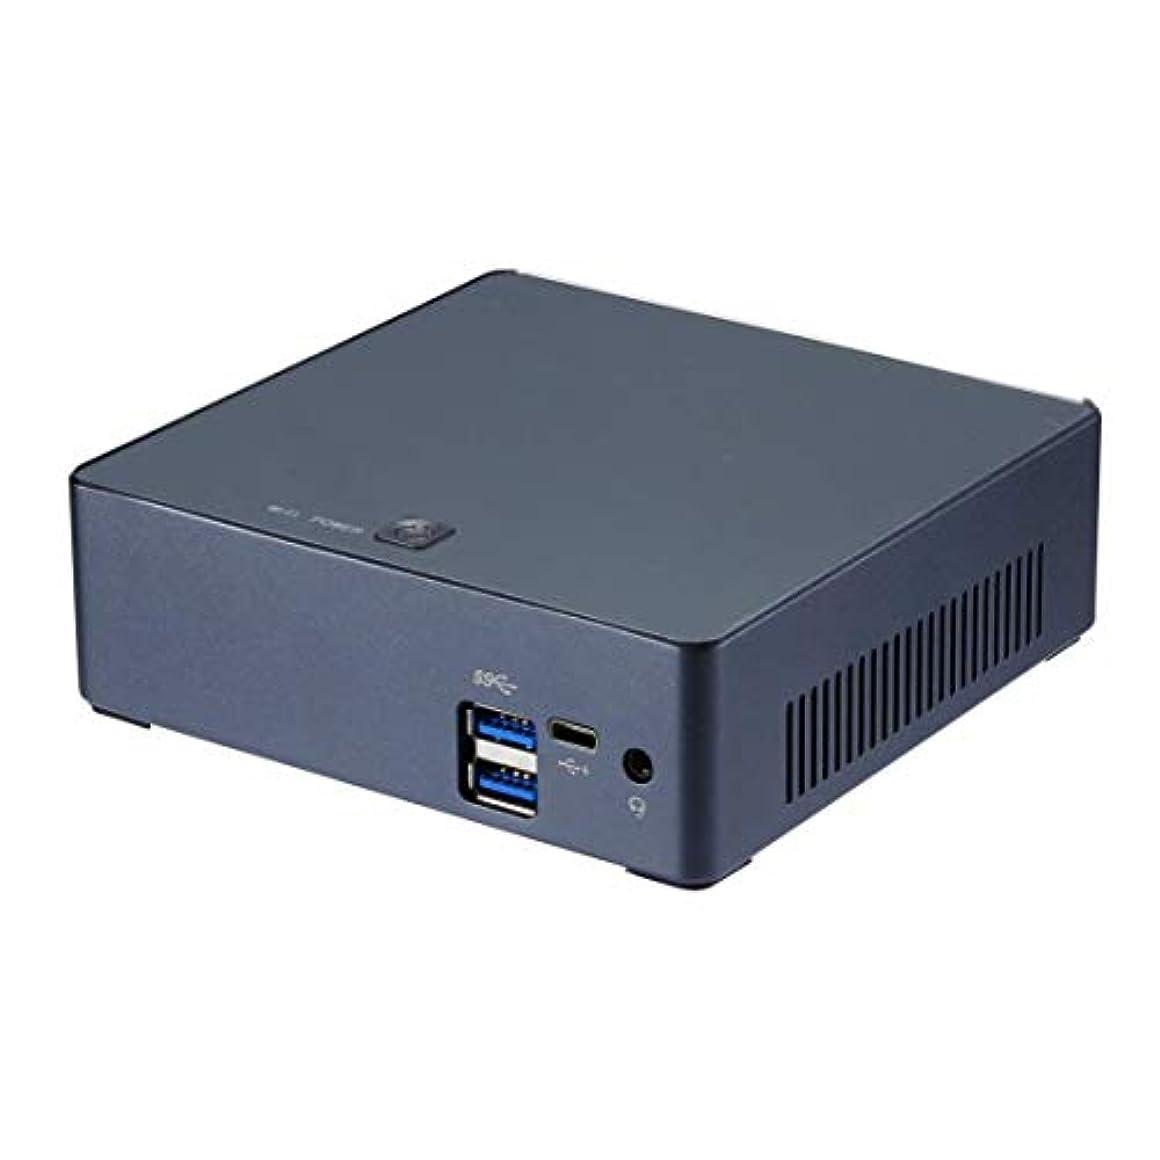 道を作るコミットメント恐れる【Intel i5-7200U】【メモリ8GB】【SSD 128GB】【USBの次世代規格 USB3.1 Type-cポート】【Win 10 Pro 64bit 搭載】SKYNEW ミニパソコン 小型pc M3S